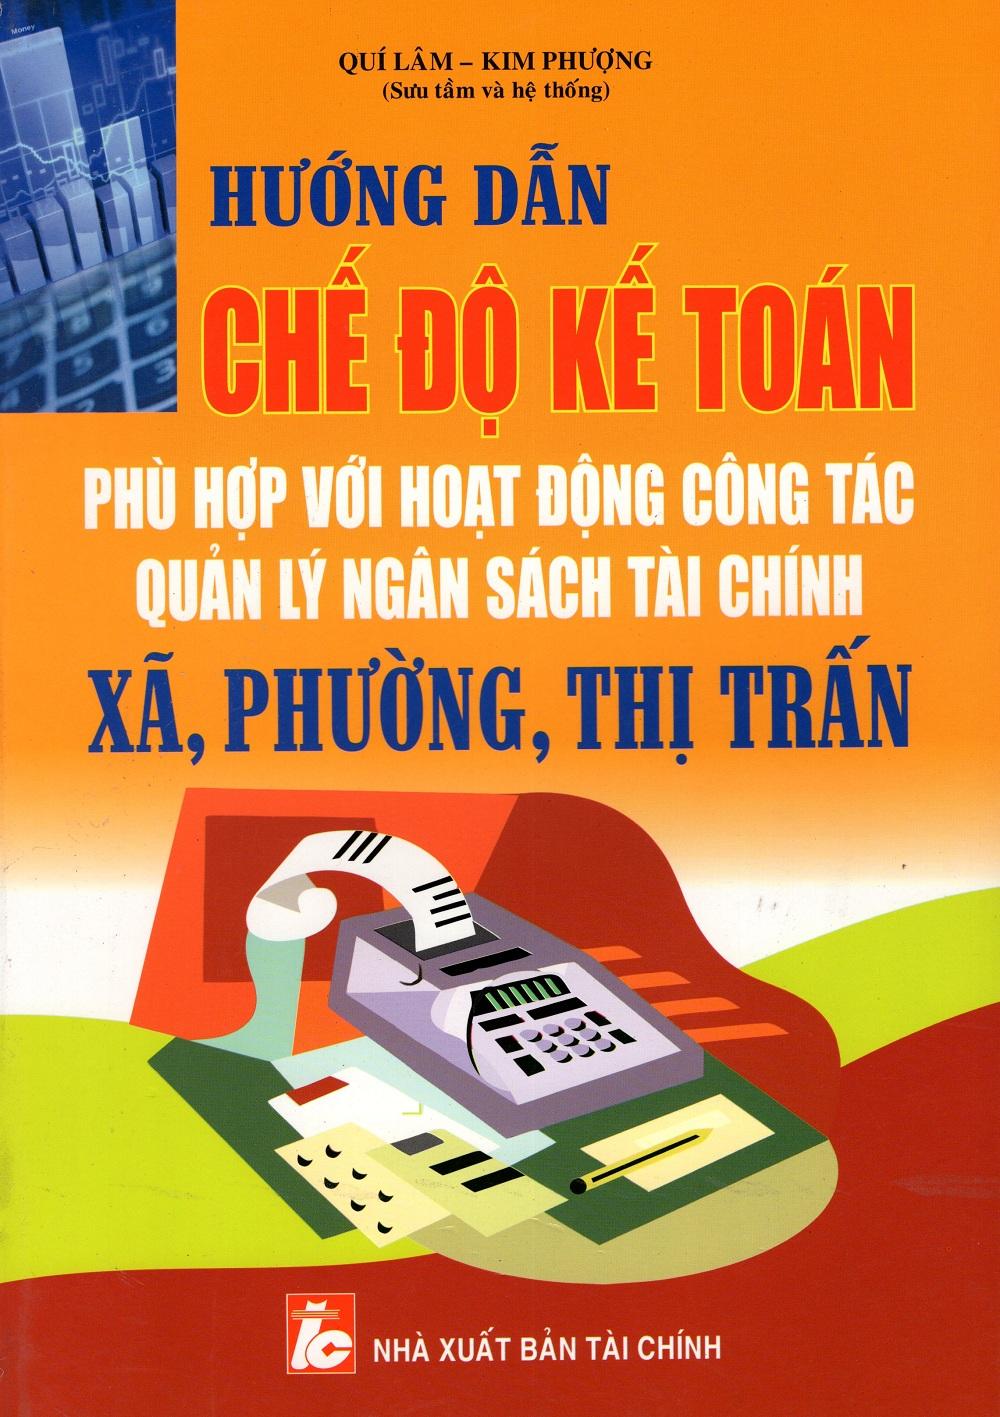 Hướng Dẫn Chế Độ Kế Toán Phù Hợp Với Hoạt Động Công Tác Quản Lý Ngân Sách Tài Chính Xã, Phường, Thị Trấn - 3109971023524,62_251074,335000,tiki.vn,Huong-Dan-Che-Do-Ke-Toan-Phu-Hop-Voi-Hoat-Dong-Cong-Tac-Quan-Ly-Ngan-Sach-Tai-Chinh-Xa-Phuong-Thi-Tran-62_251074,Hướng Dẫn Chế Độ Kế Toán Phù Hợp Với Hoạt Động Công Tác Quản Lý Ngân Sách Tài Chính Xã, Phường, Thị Trấ